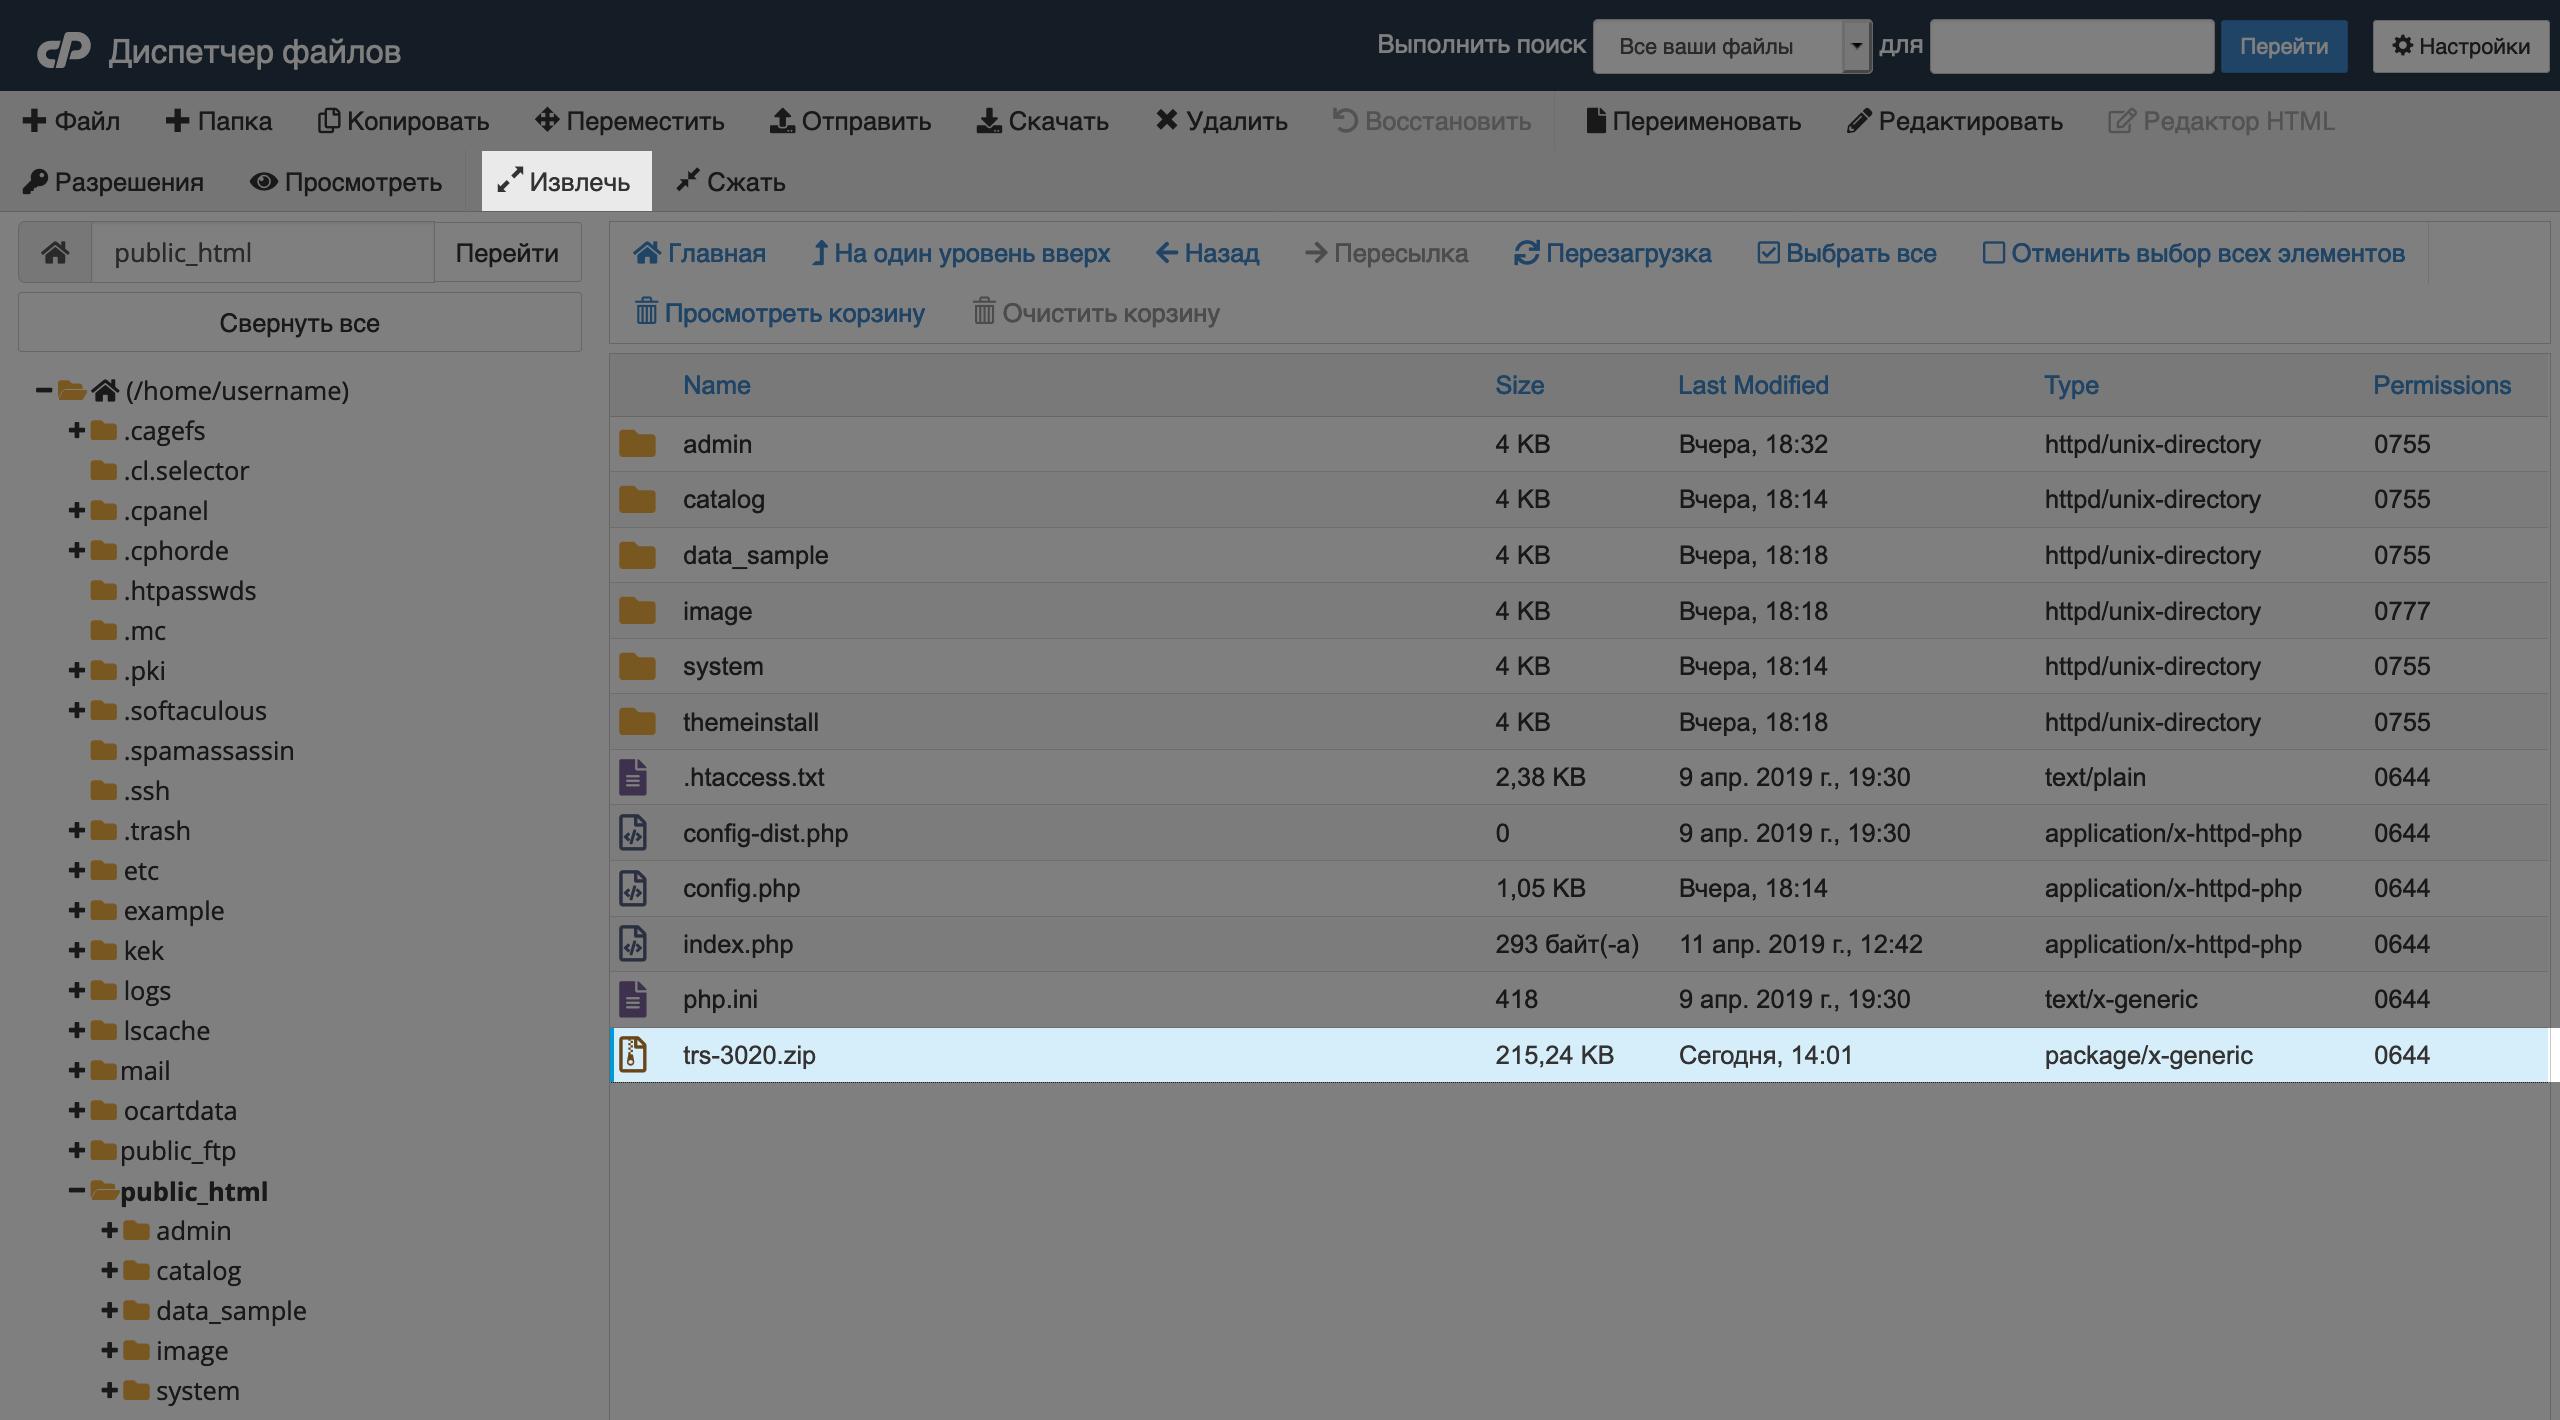 Только что загруженный файл в корневой папке домена